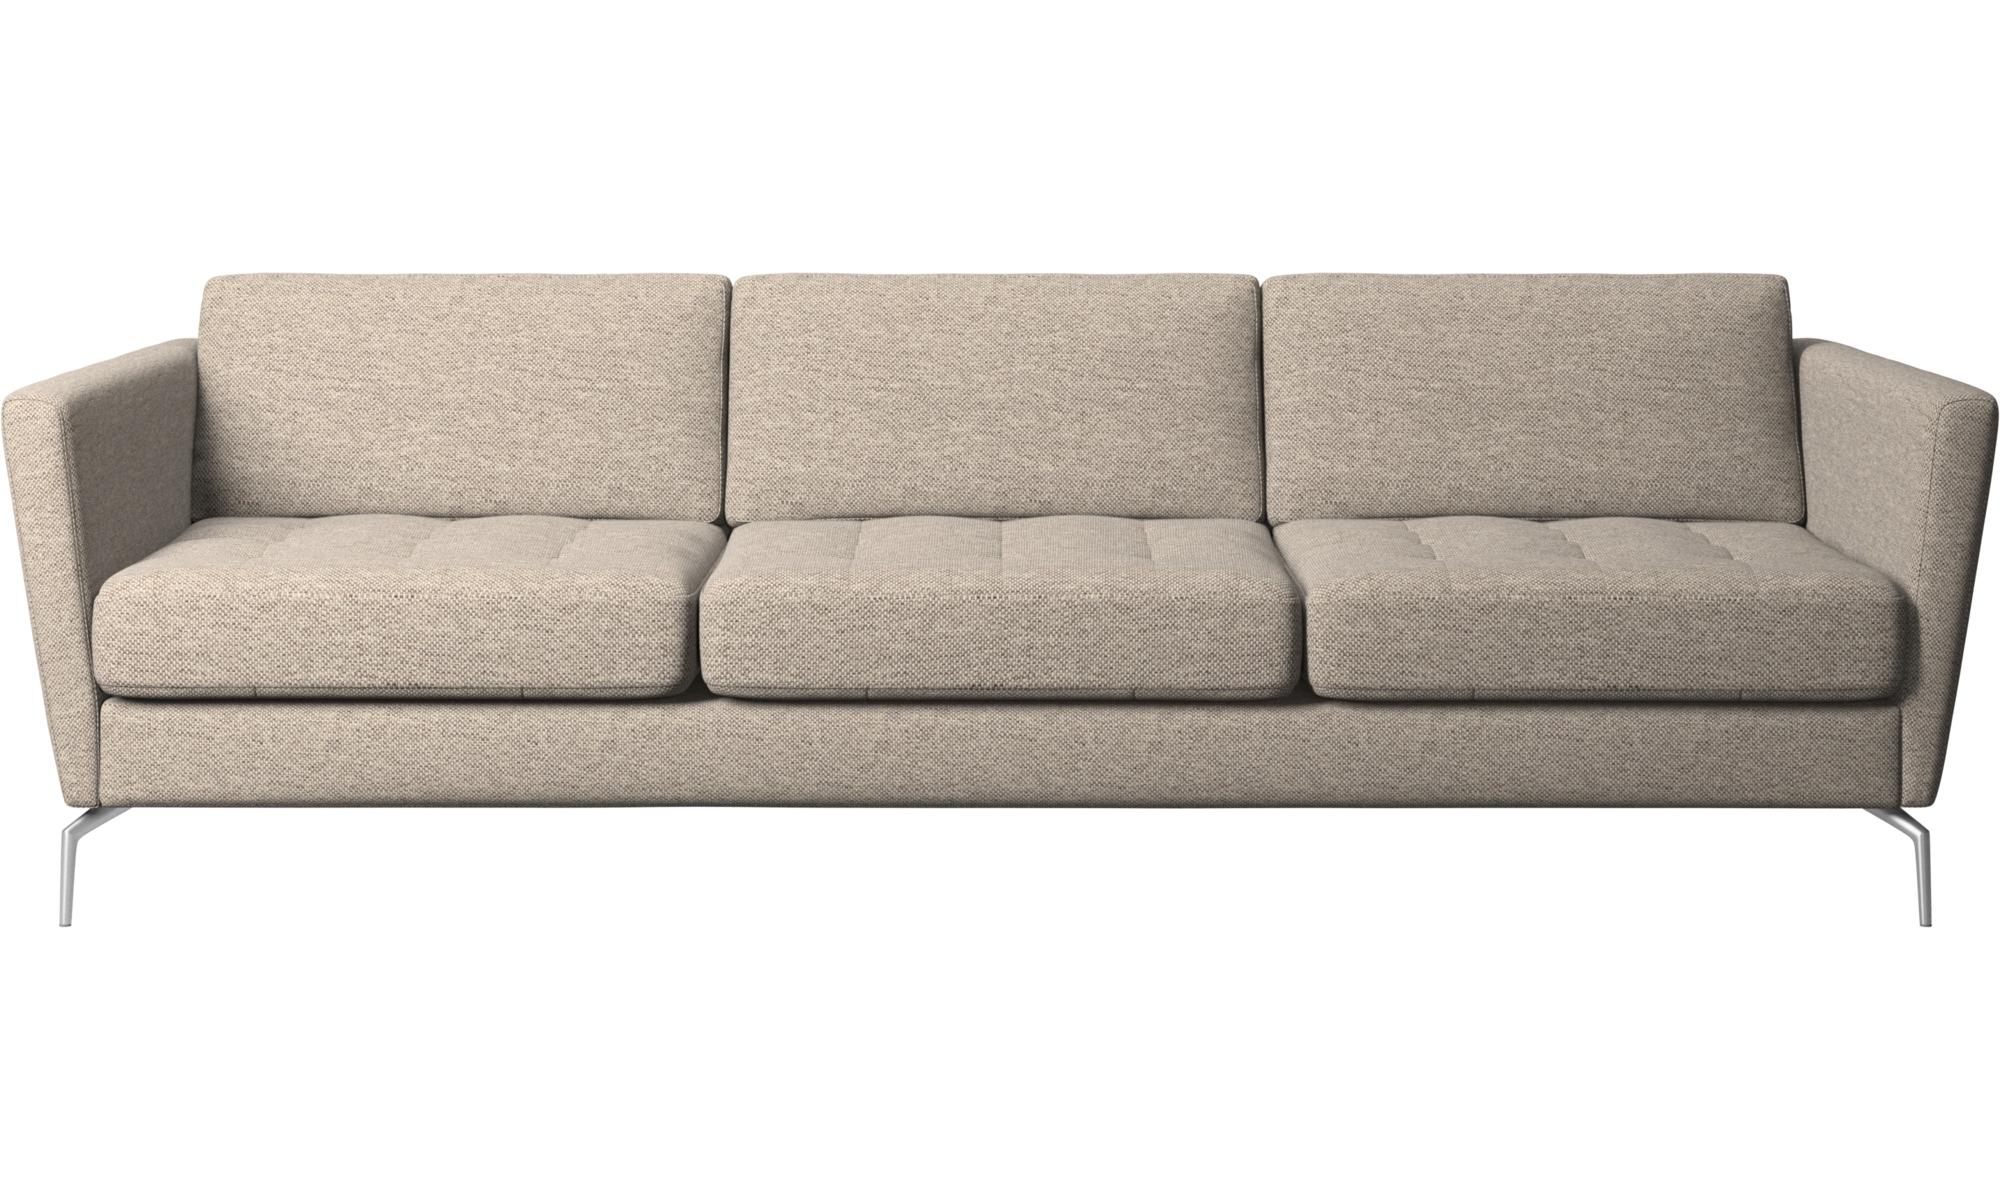 3-sitzer Sofas - Osaka Sofa, getuftete Sitzfläche - Beige - Stoff